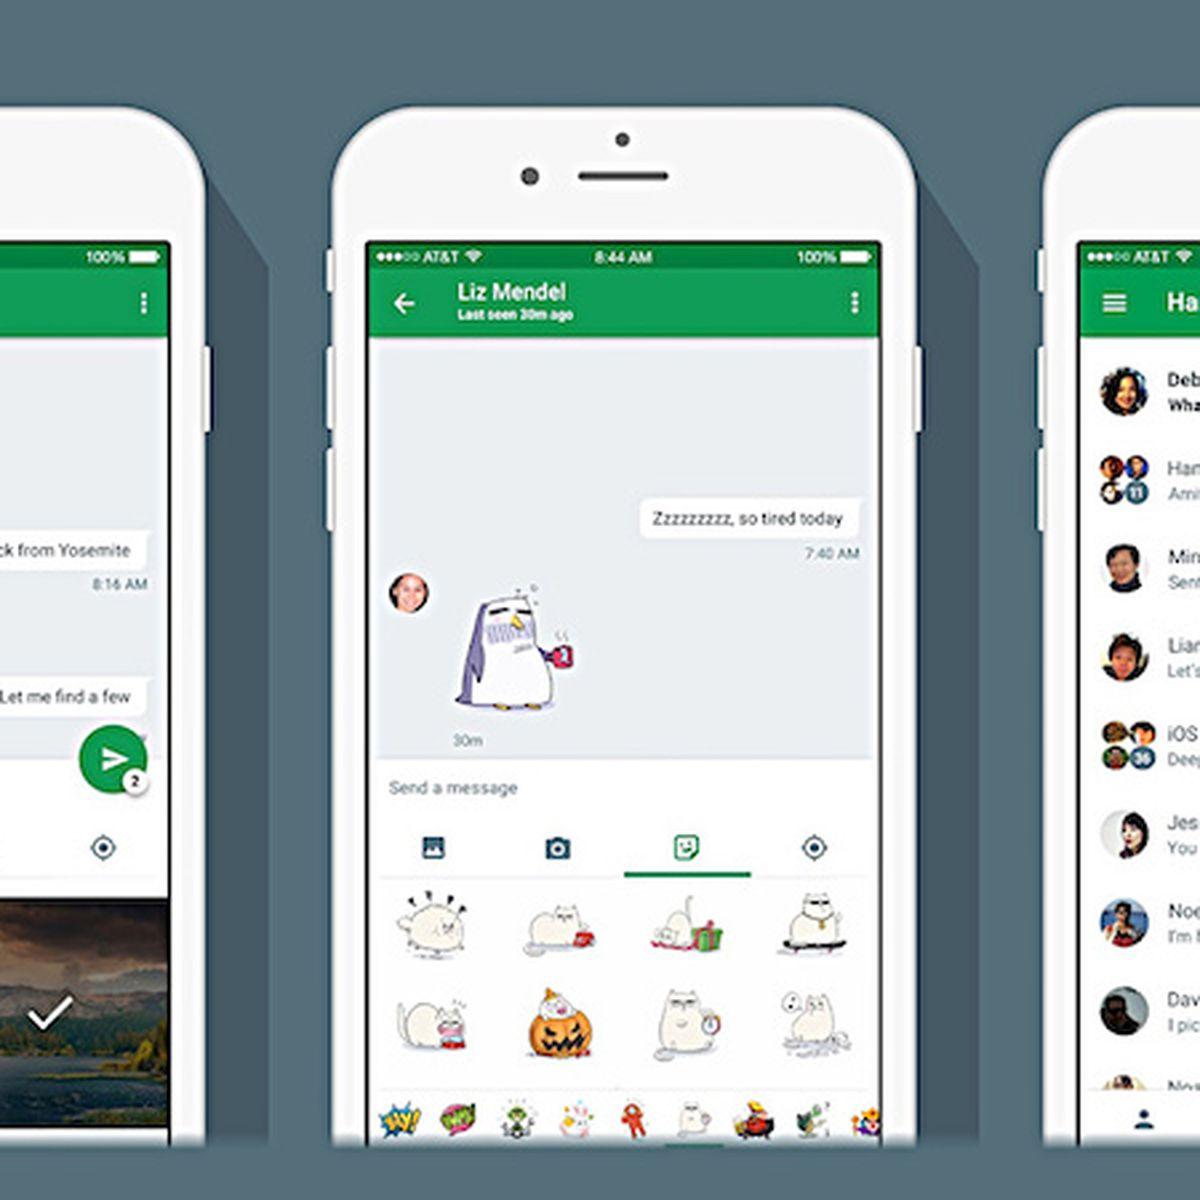 Google Hangout App For Macbook